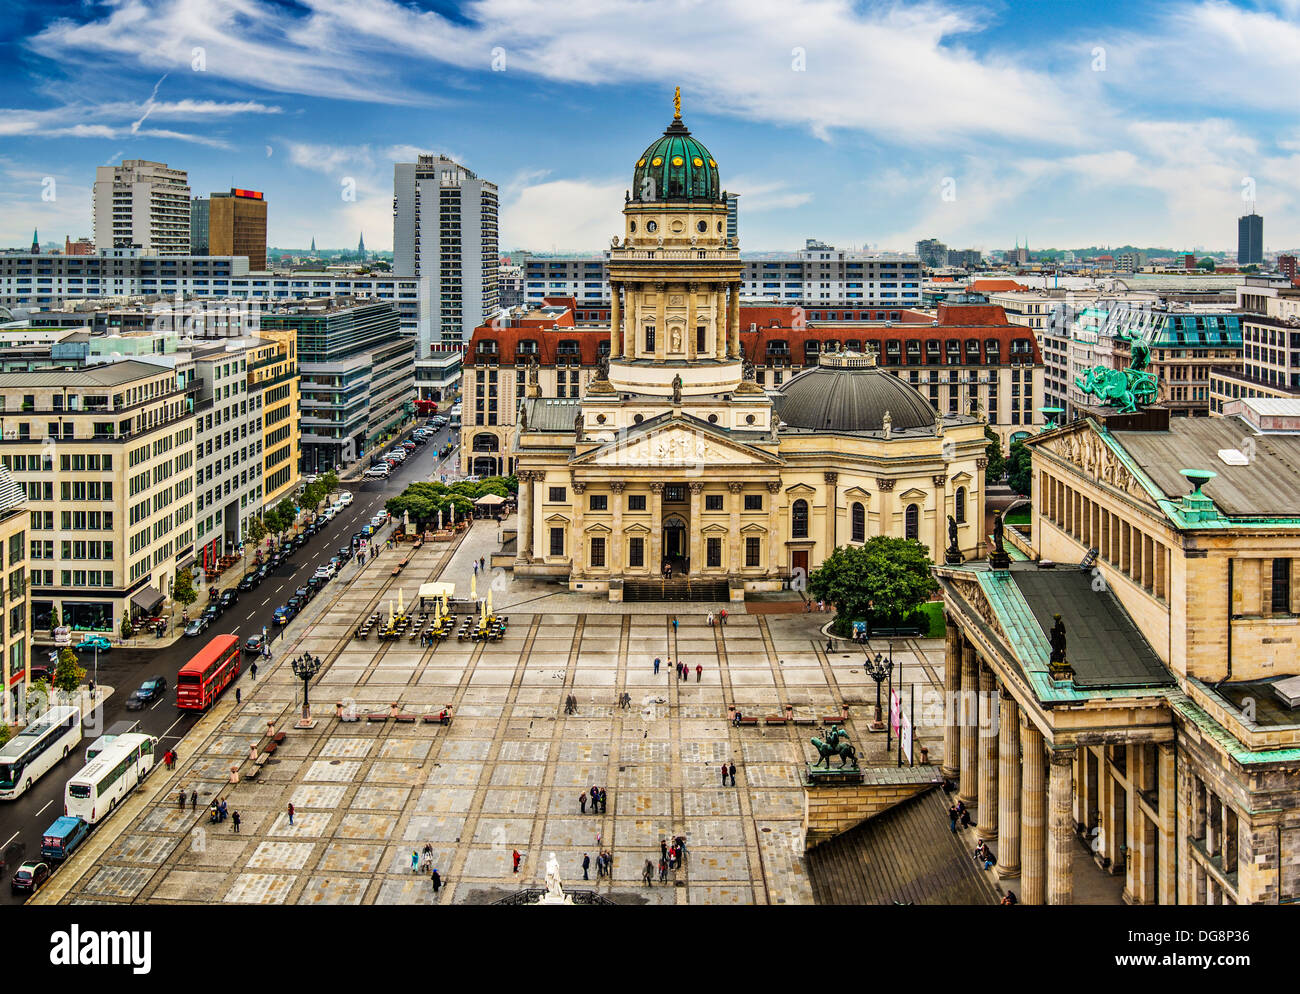 Historic Gendarmenmarkt Square in Berlin, Germany. - Stock Image